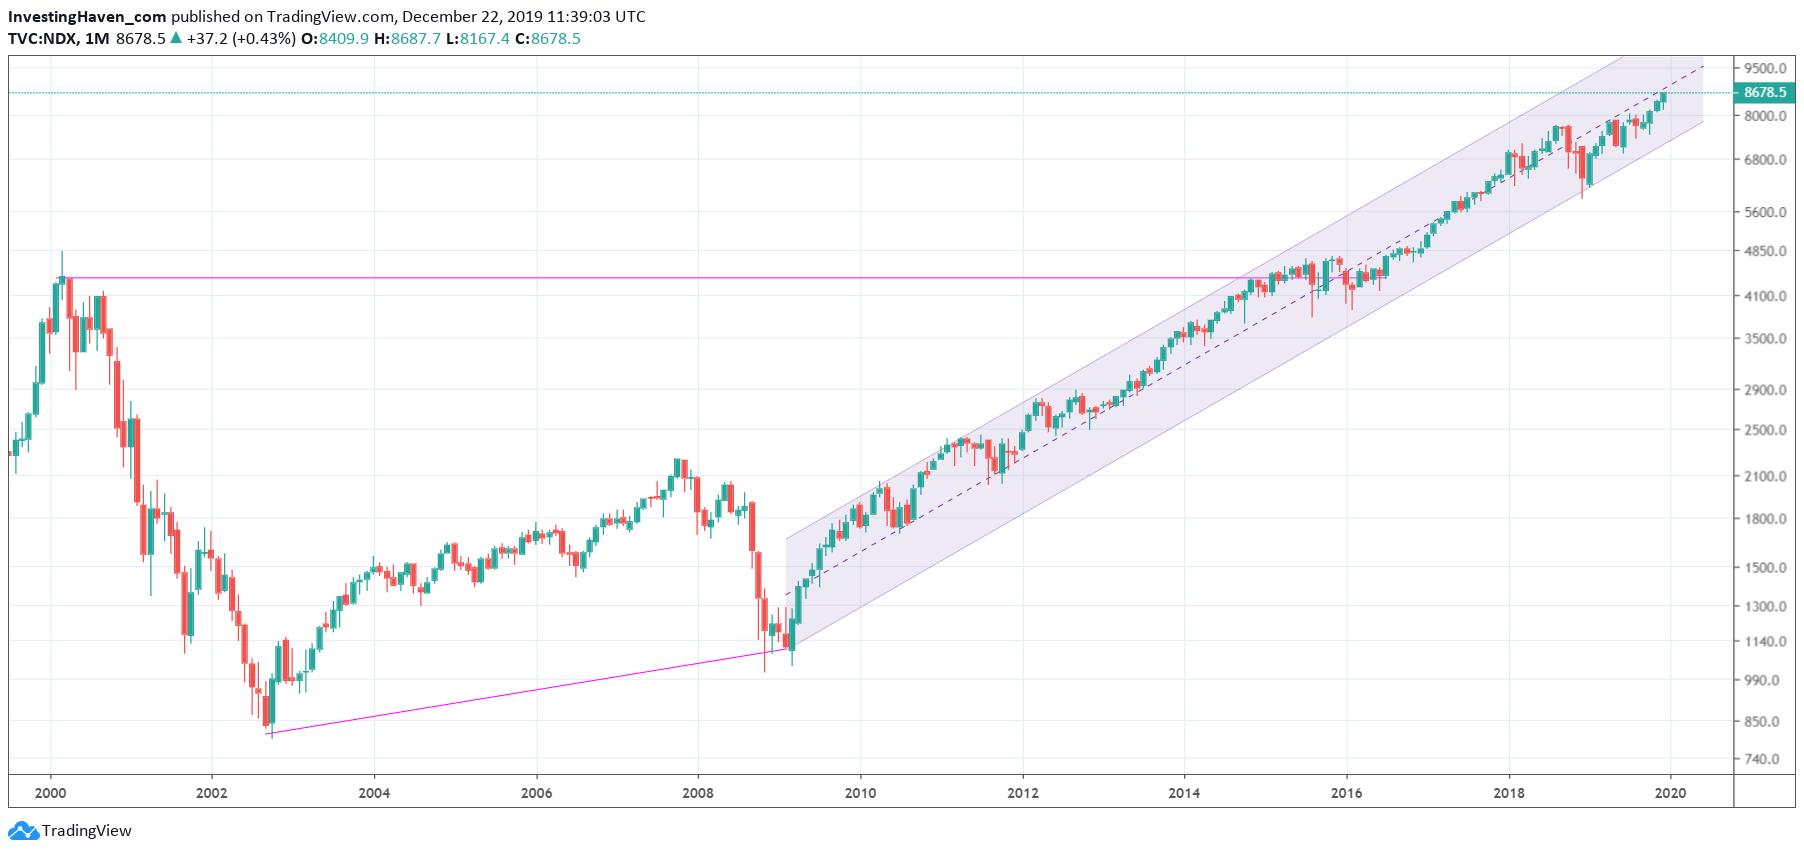 nasdaq long term 20 year chart